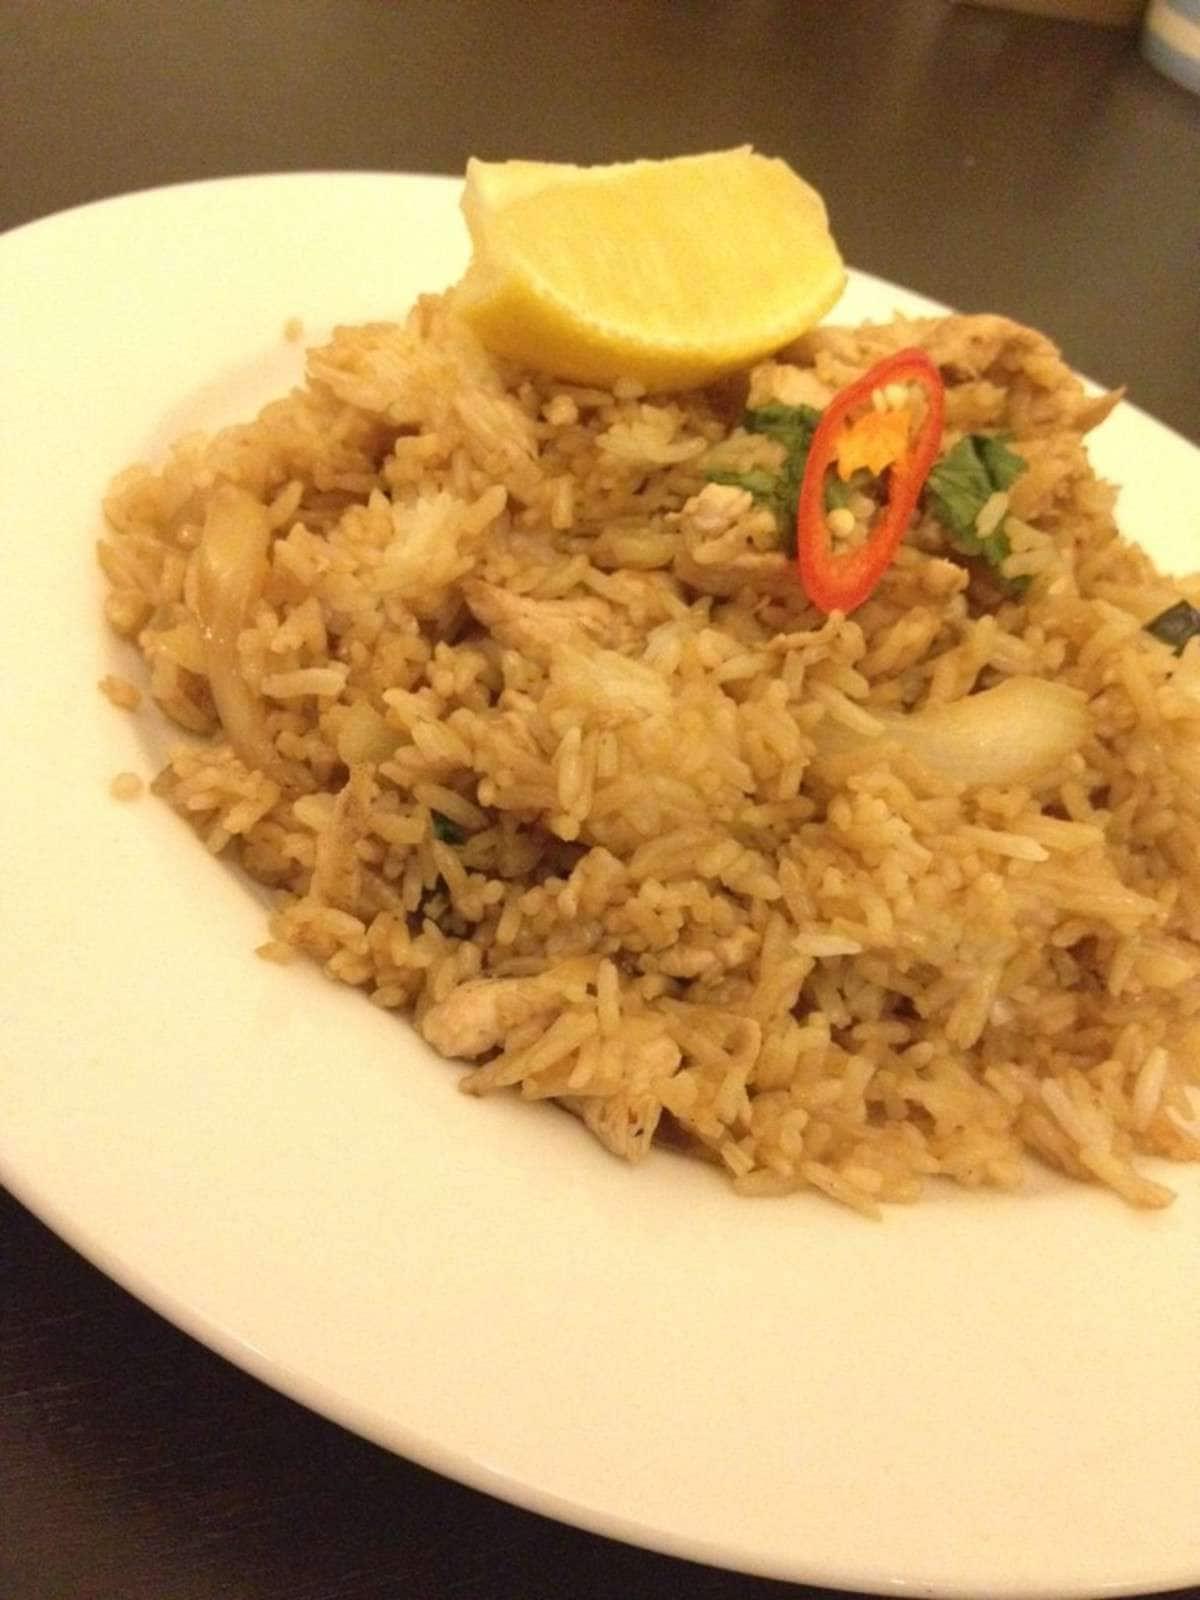 The Grain Thai